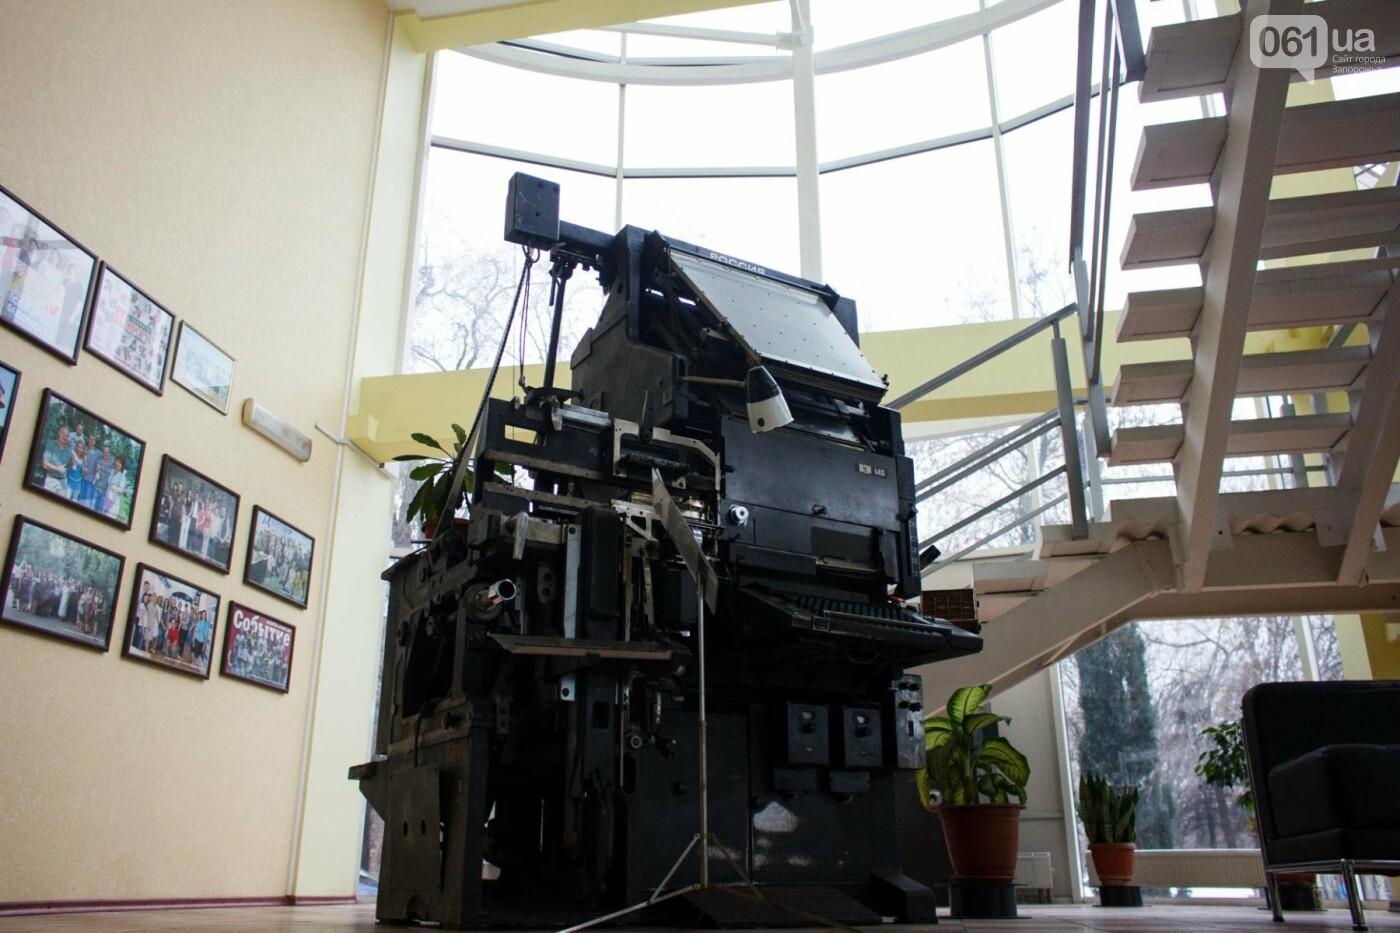 Как в Запорожье печатают газеты: экскурсия в типографию, - ФОТО, ВИДЕО, фото-1